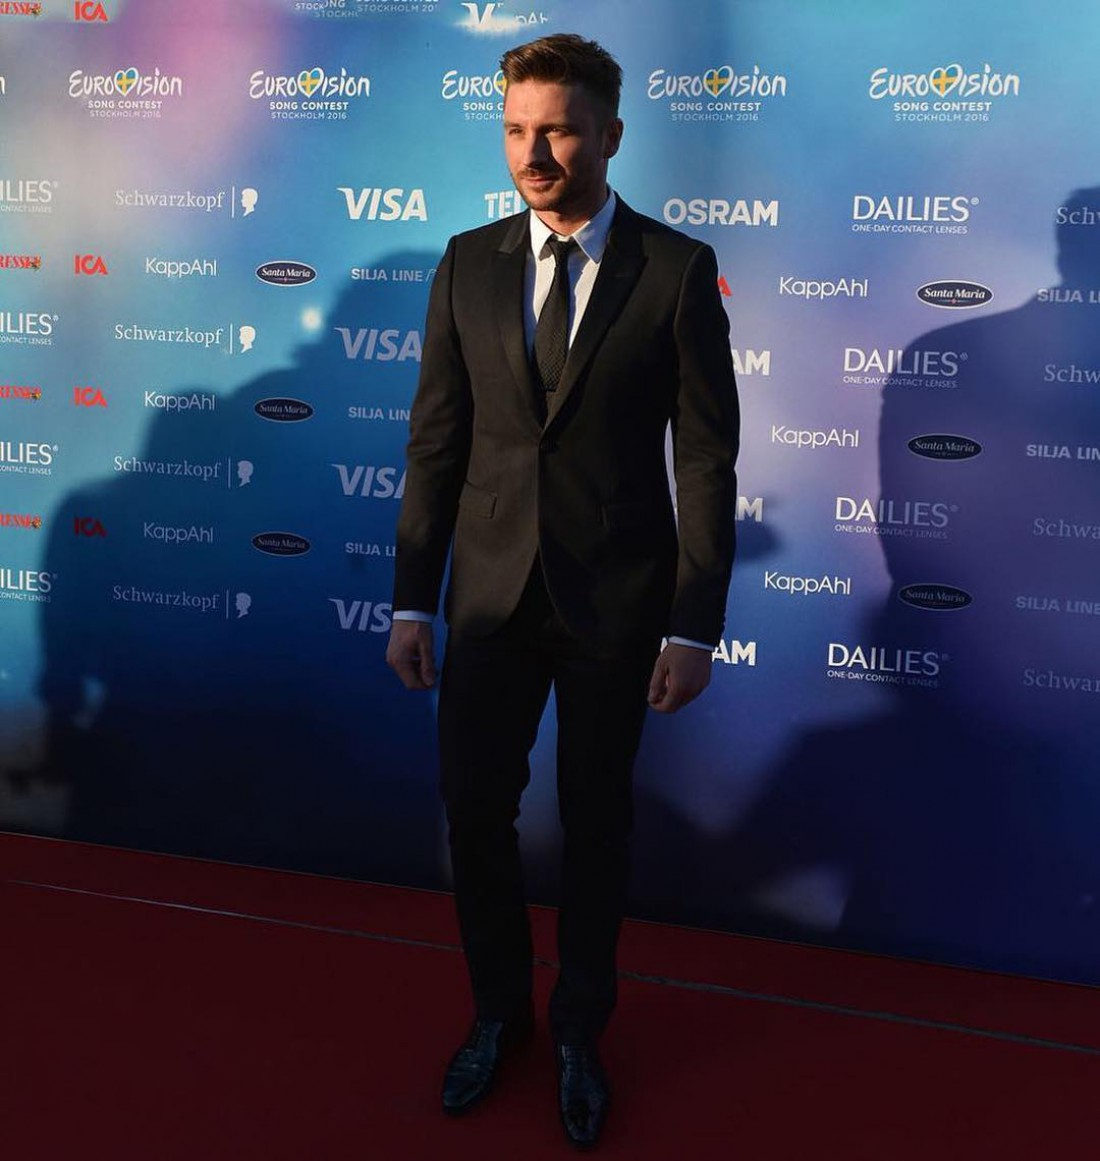 Евровидение 2016: Сергей Лазарев